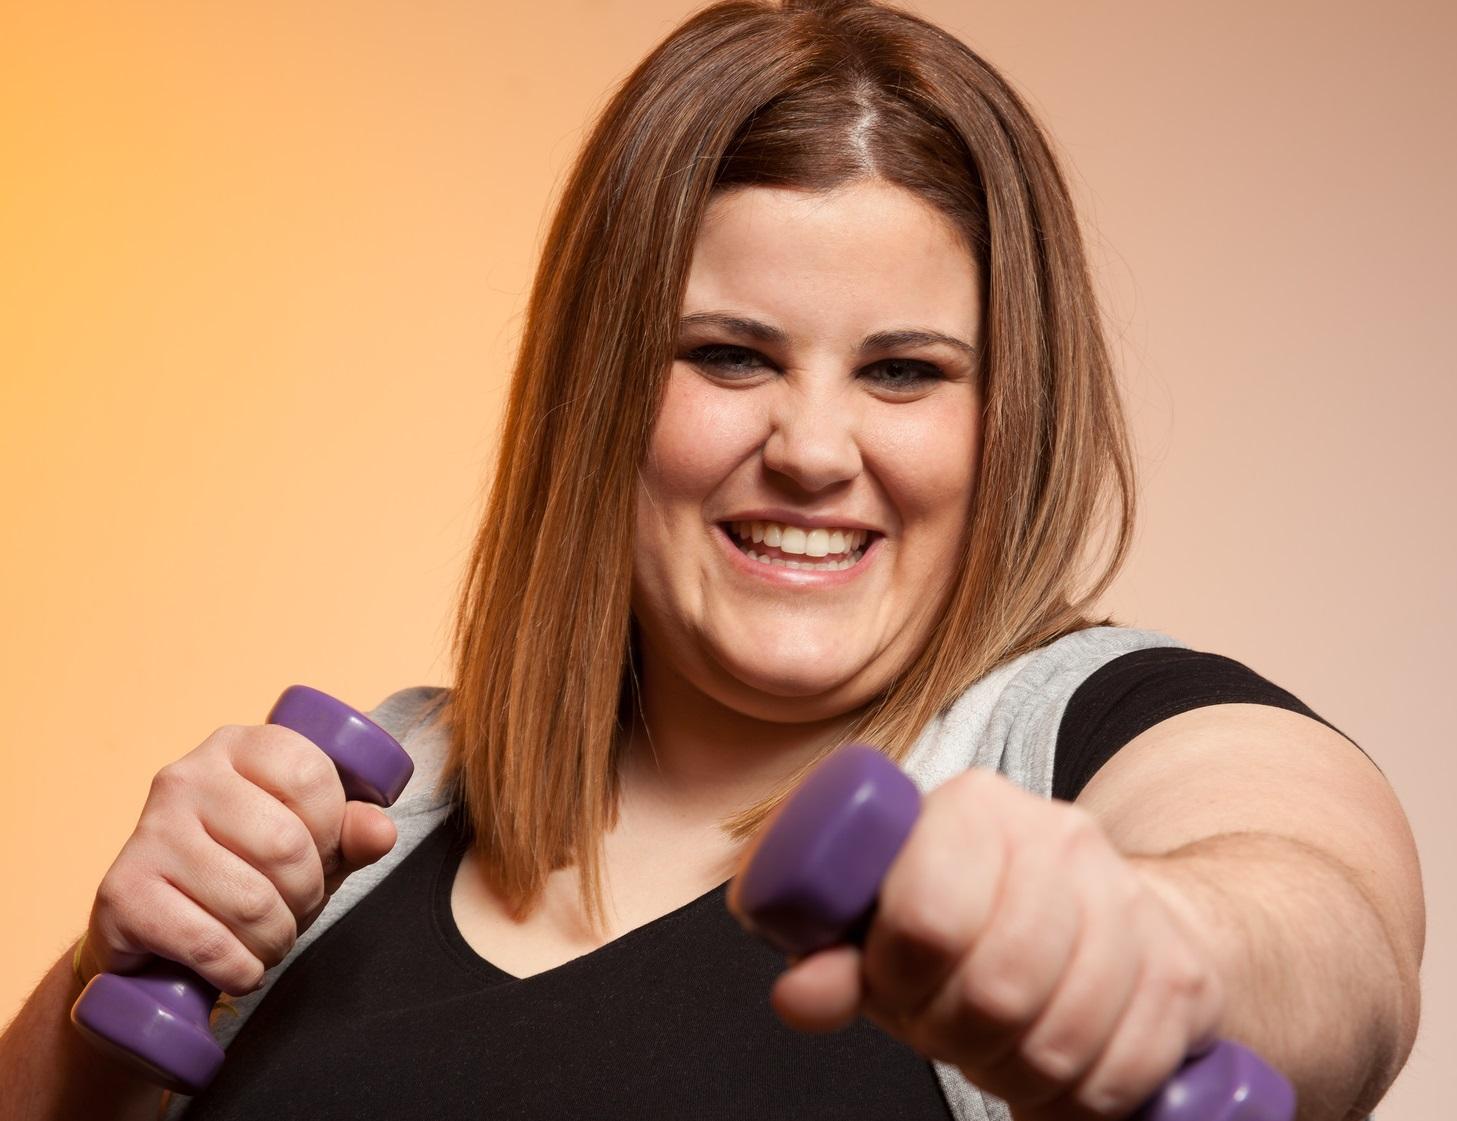 obésité-surpoids- activité physique